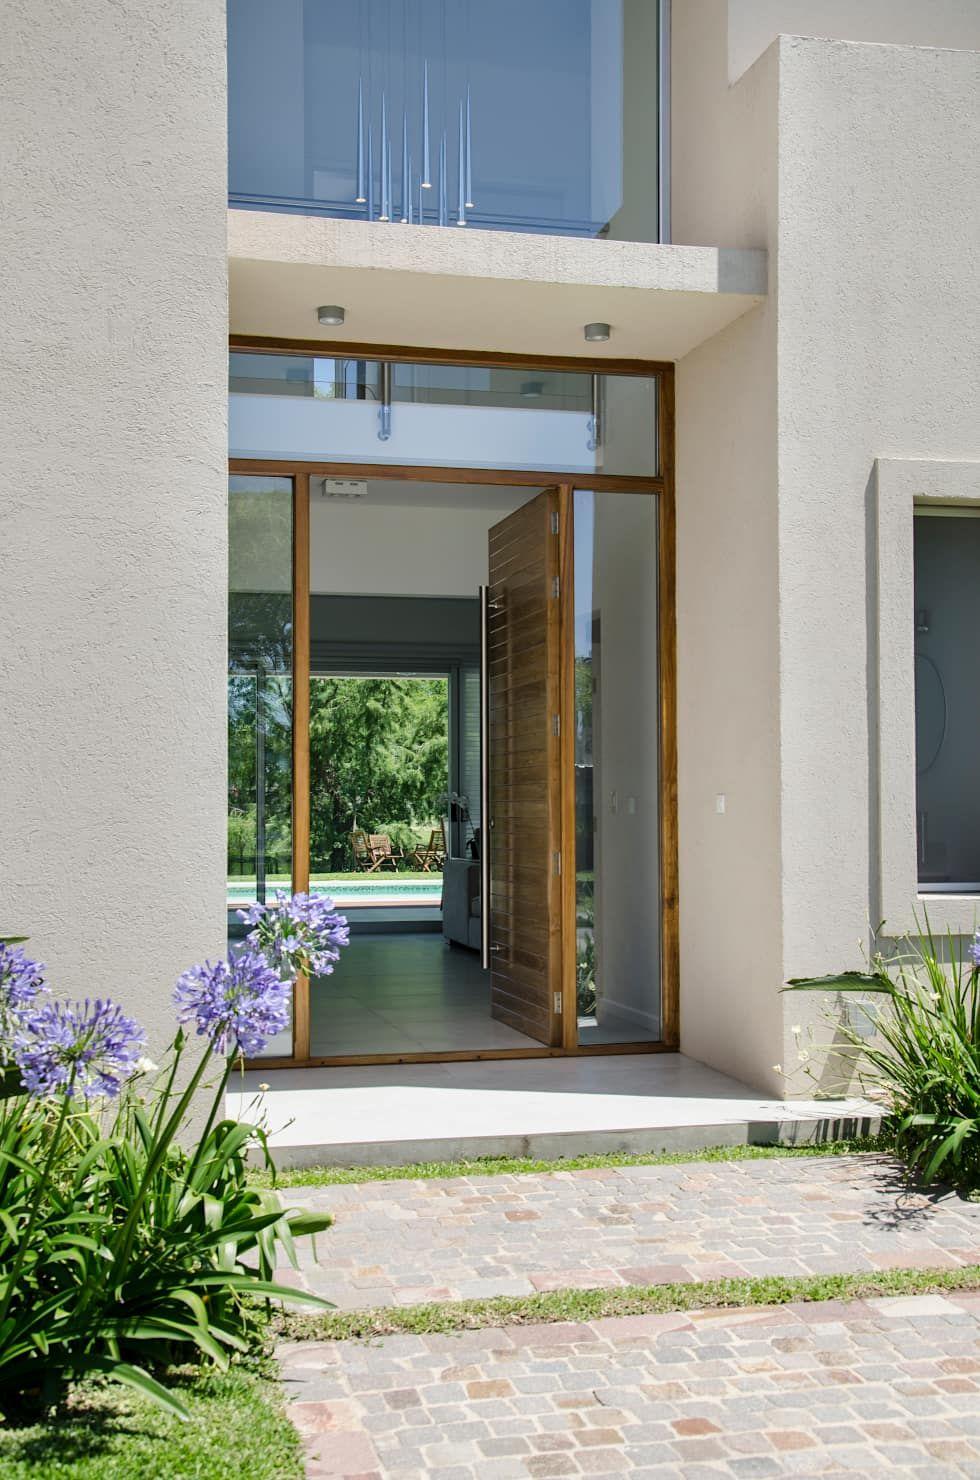 Fotos de puertas y ventanas de estilo moderno puerta for Puertas estilo moderno